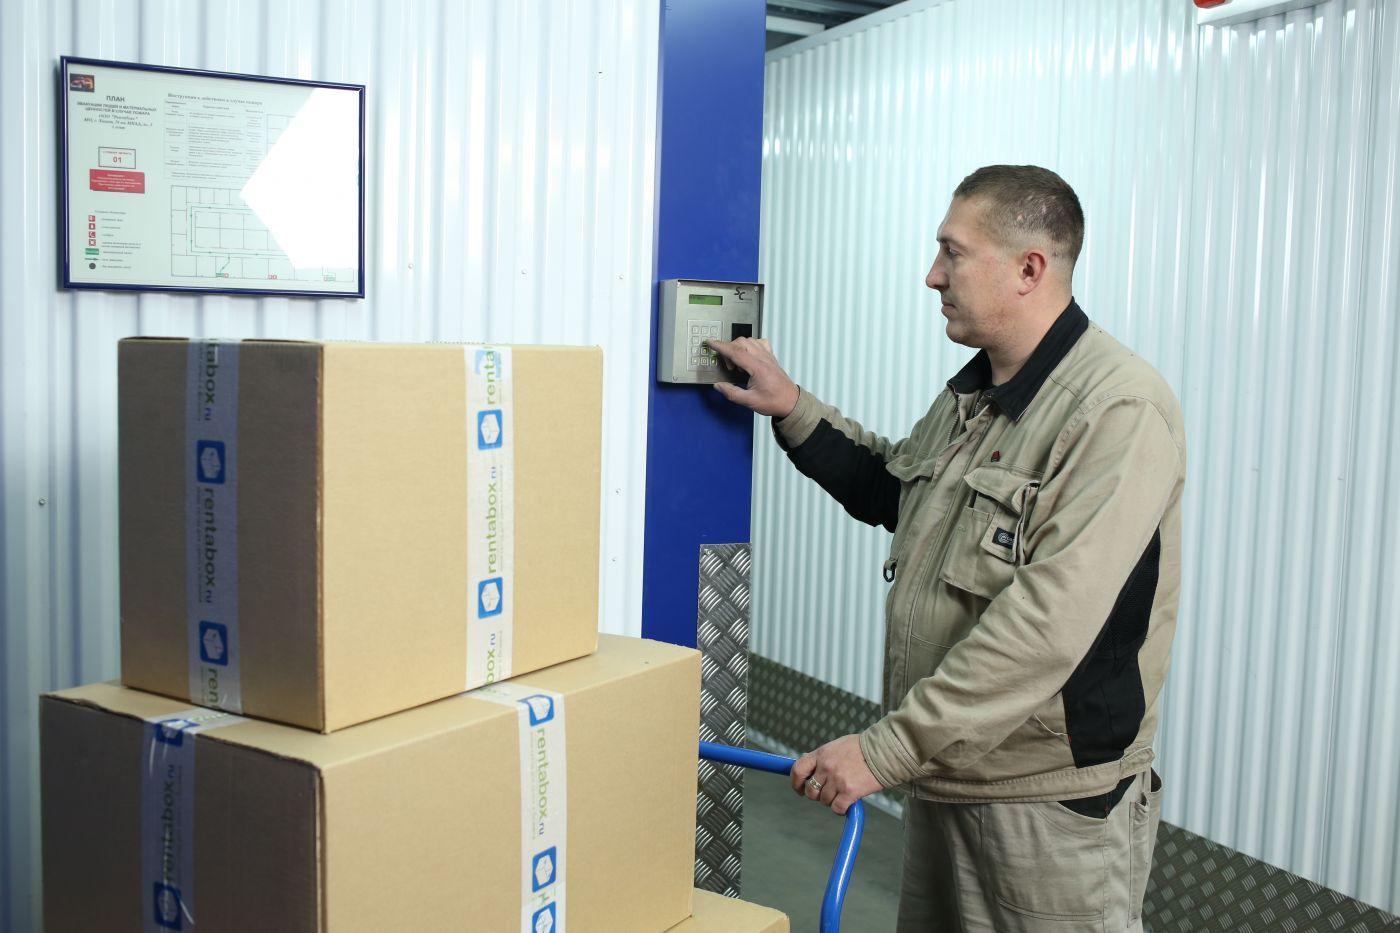 аренда бокса для хранения вещей rentabox.ru